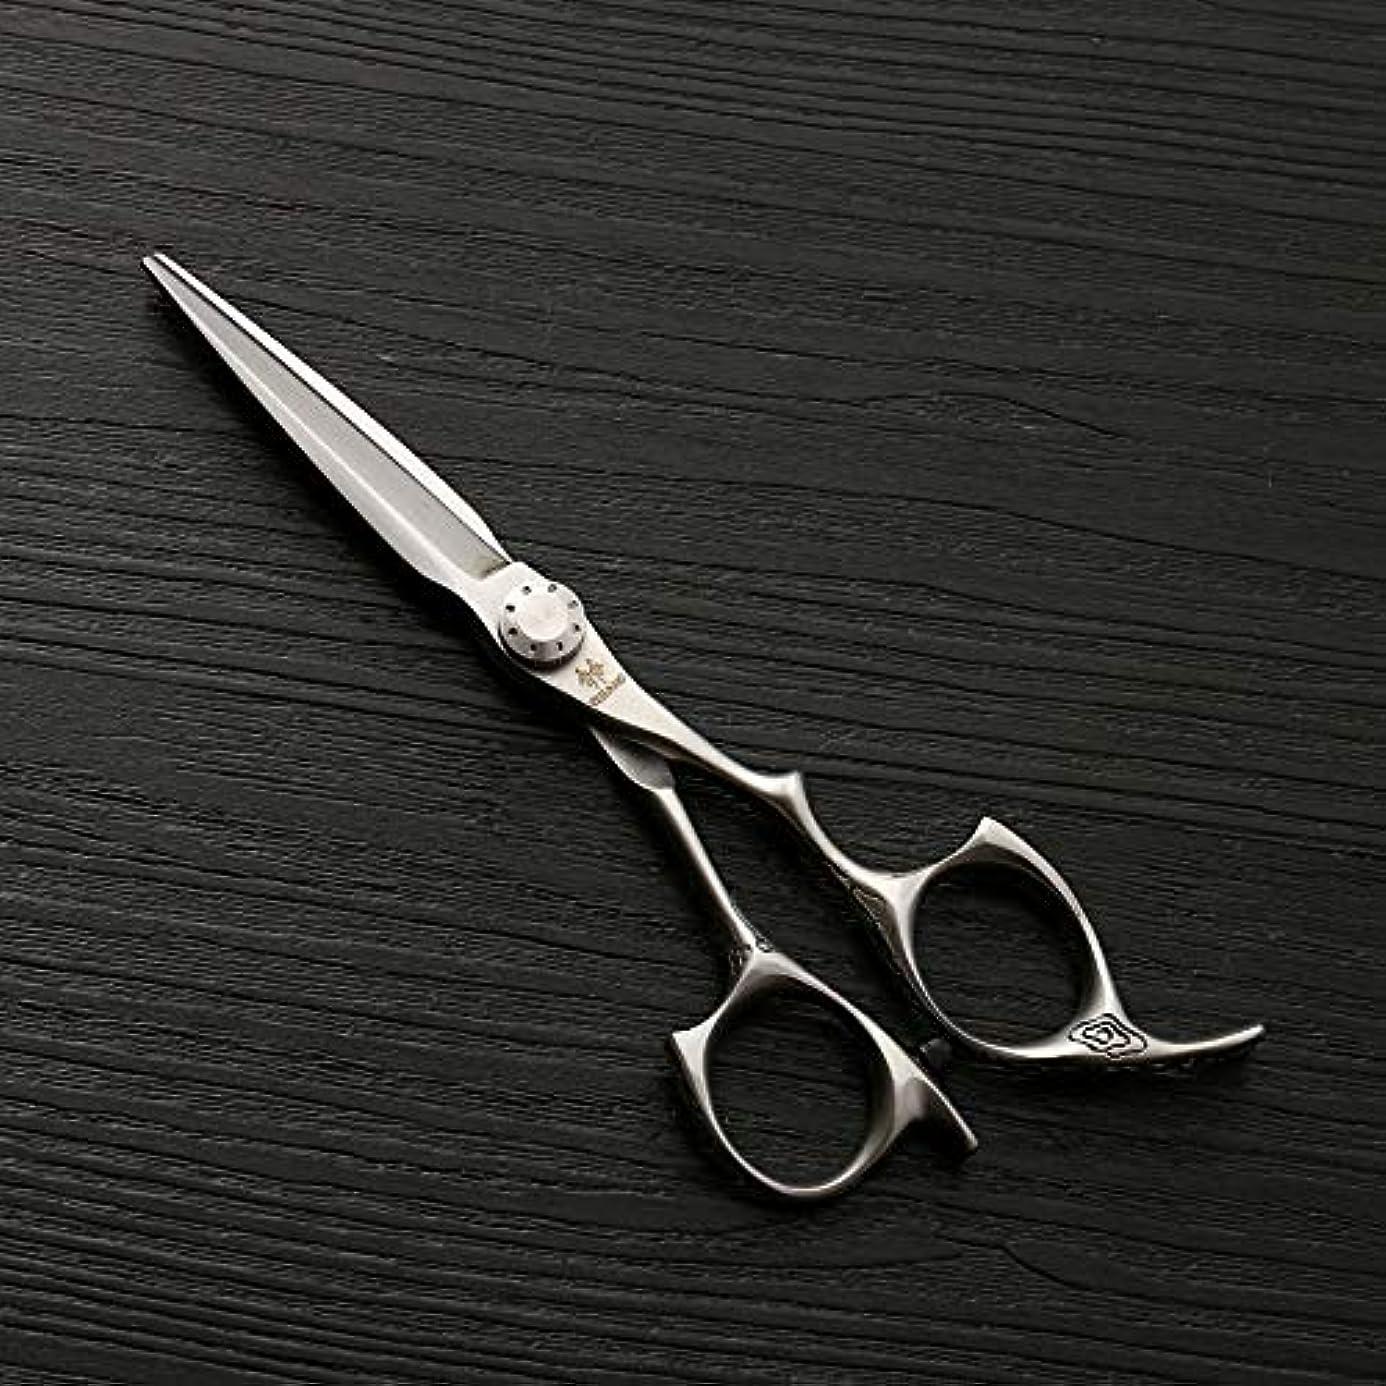 机不健全大統領理髪用はさみ 新バリカン、ヘアスタイリスト理髪はさみ、5.5インチステンレス鋼プロフェッショナルフラットシアーヘアカットシザーステンレス理髪はさみ (色 : Silver)